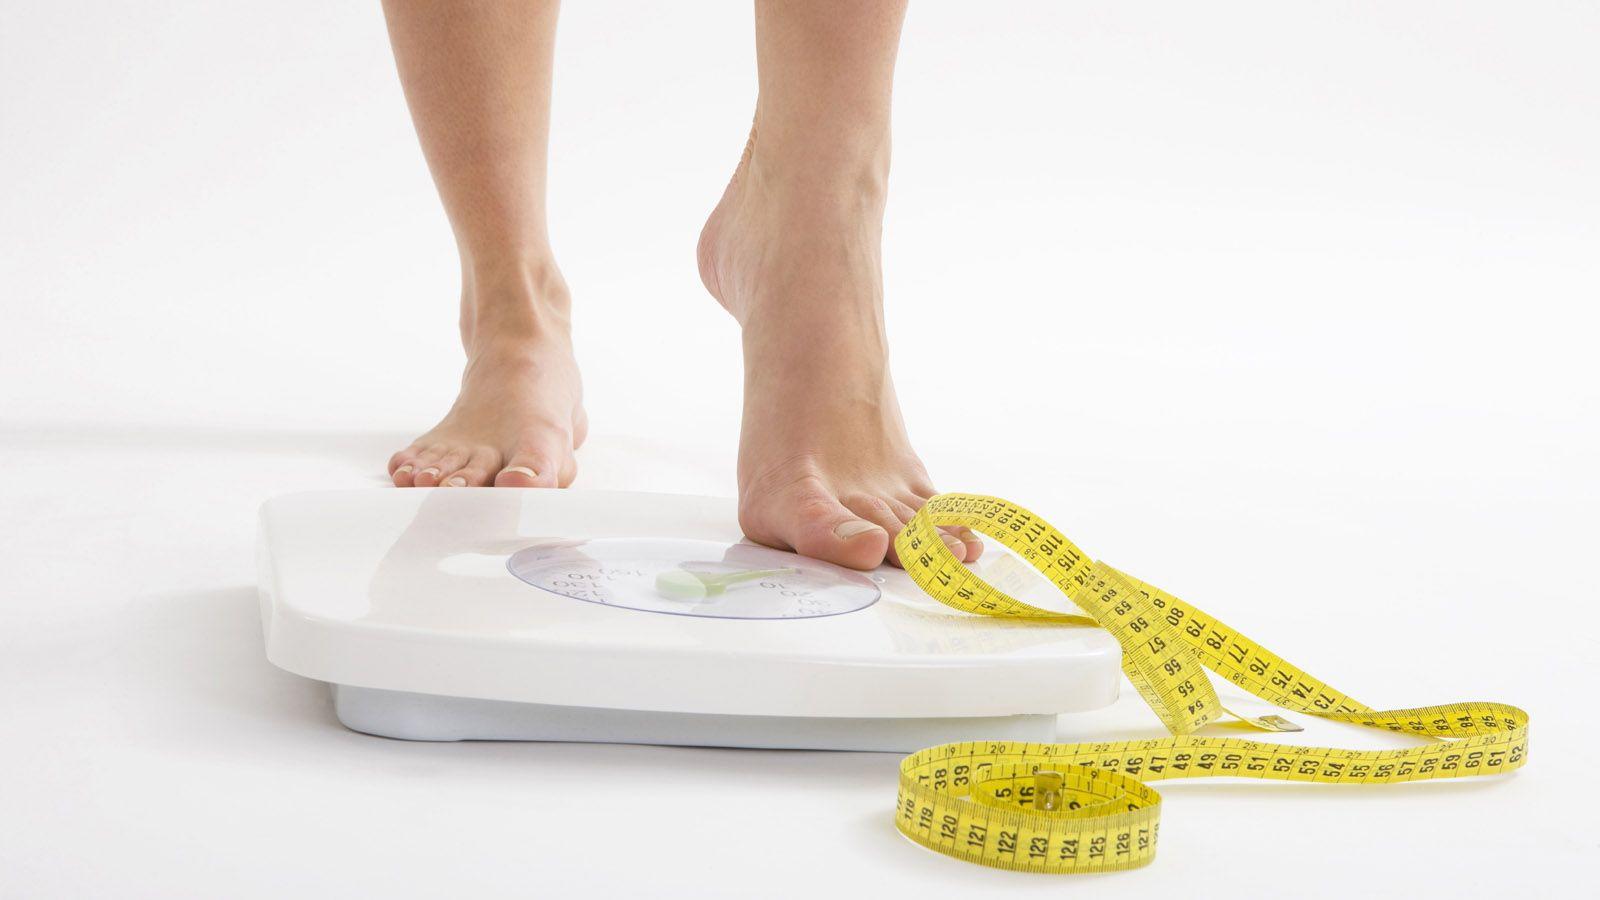 Kết quả hình ảnh cho duy trì cân nặng